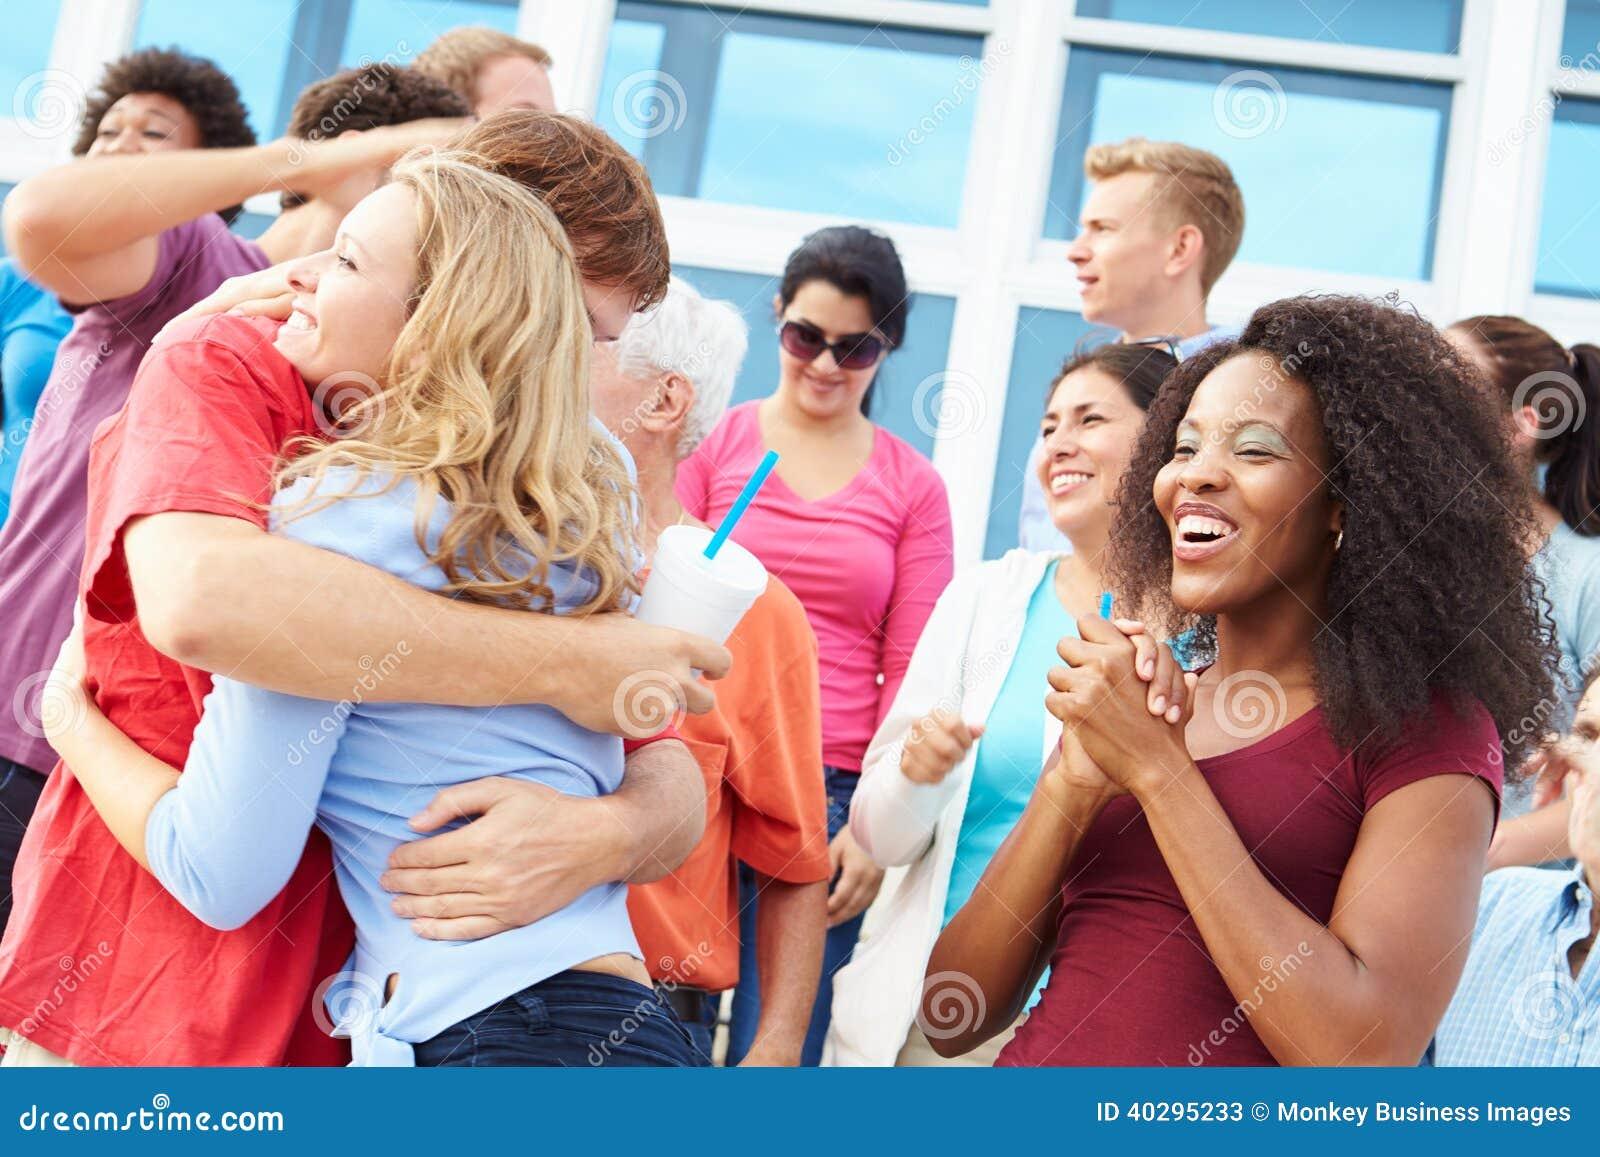 Espectadores que celebran en el acontecimiento deportivo al aire libre